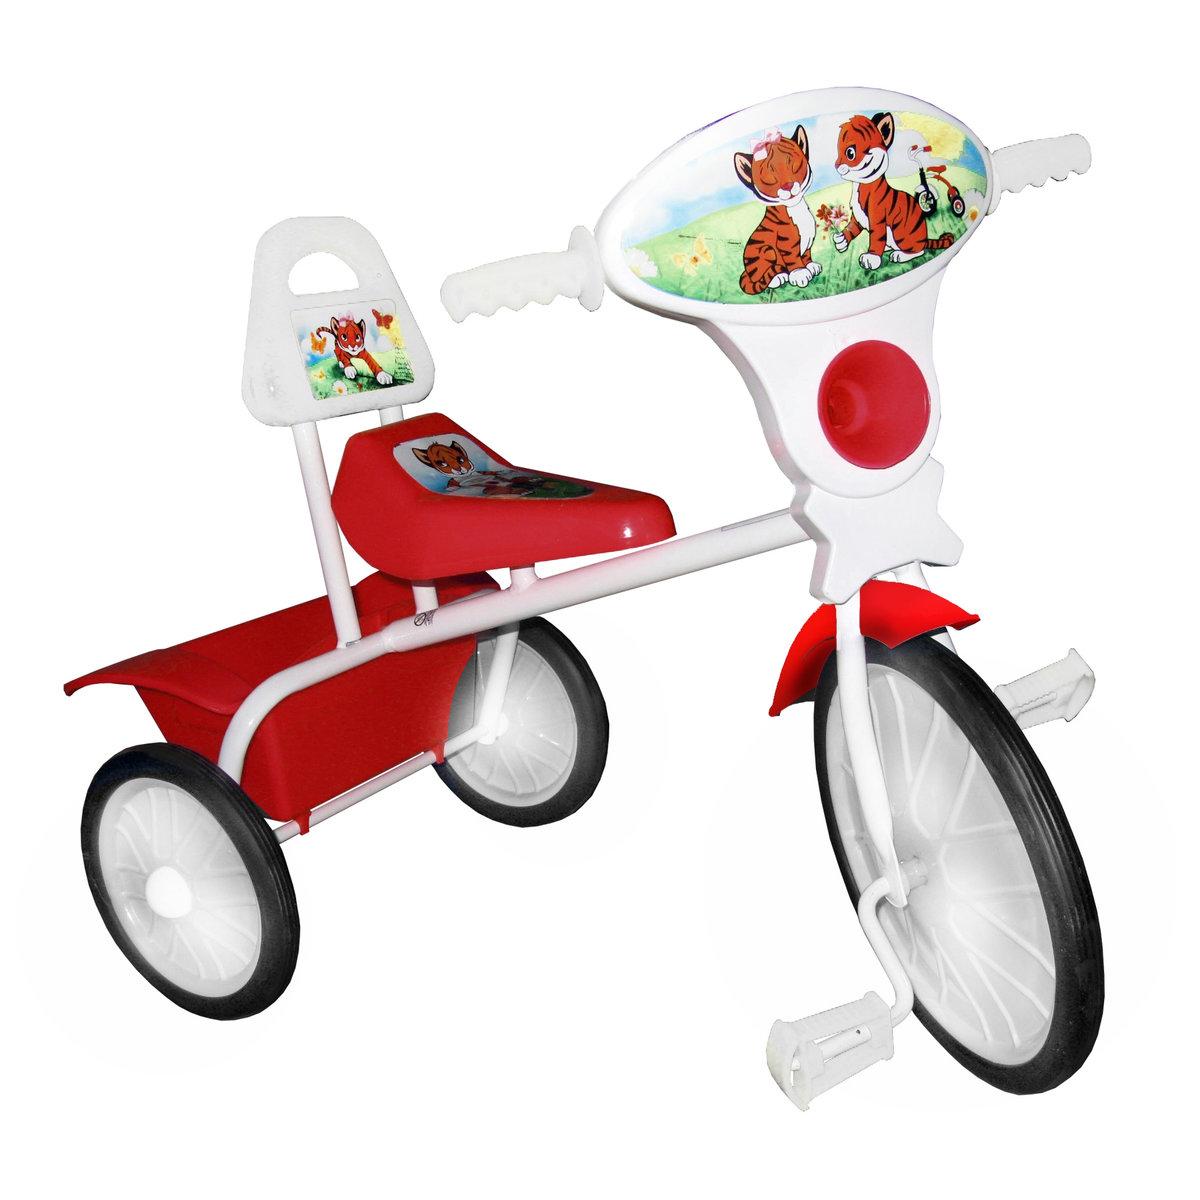 бесплатно трехколесный велосипед веселые картинки объекты уже